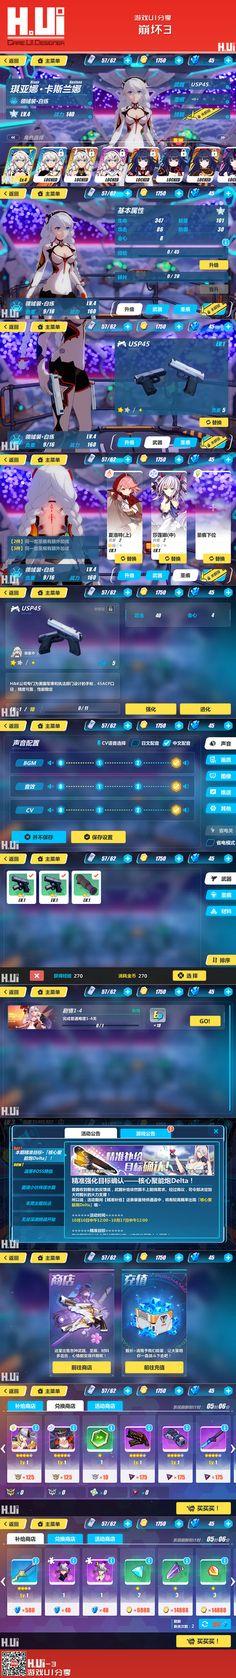 崩坏3 手游 #游戏UI# 绘UI-专业...